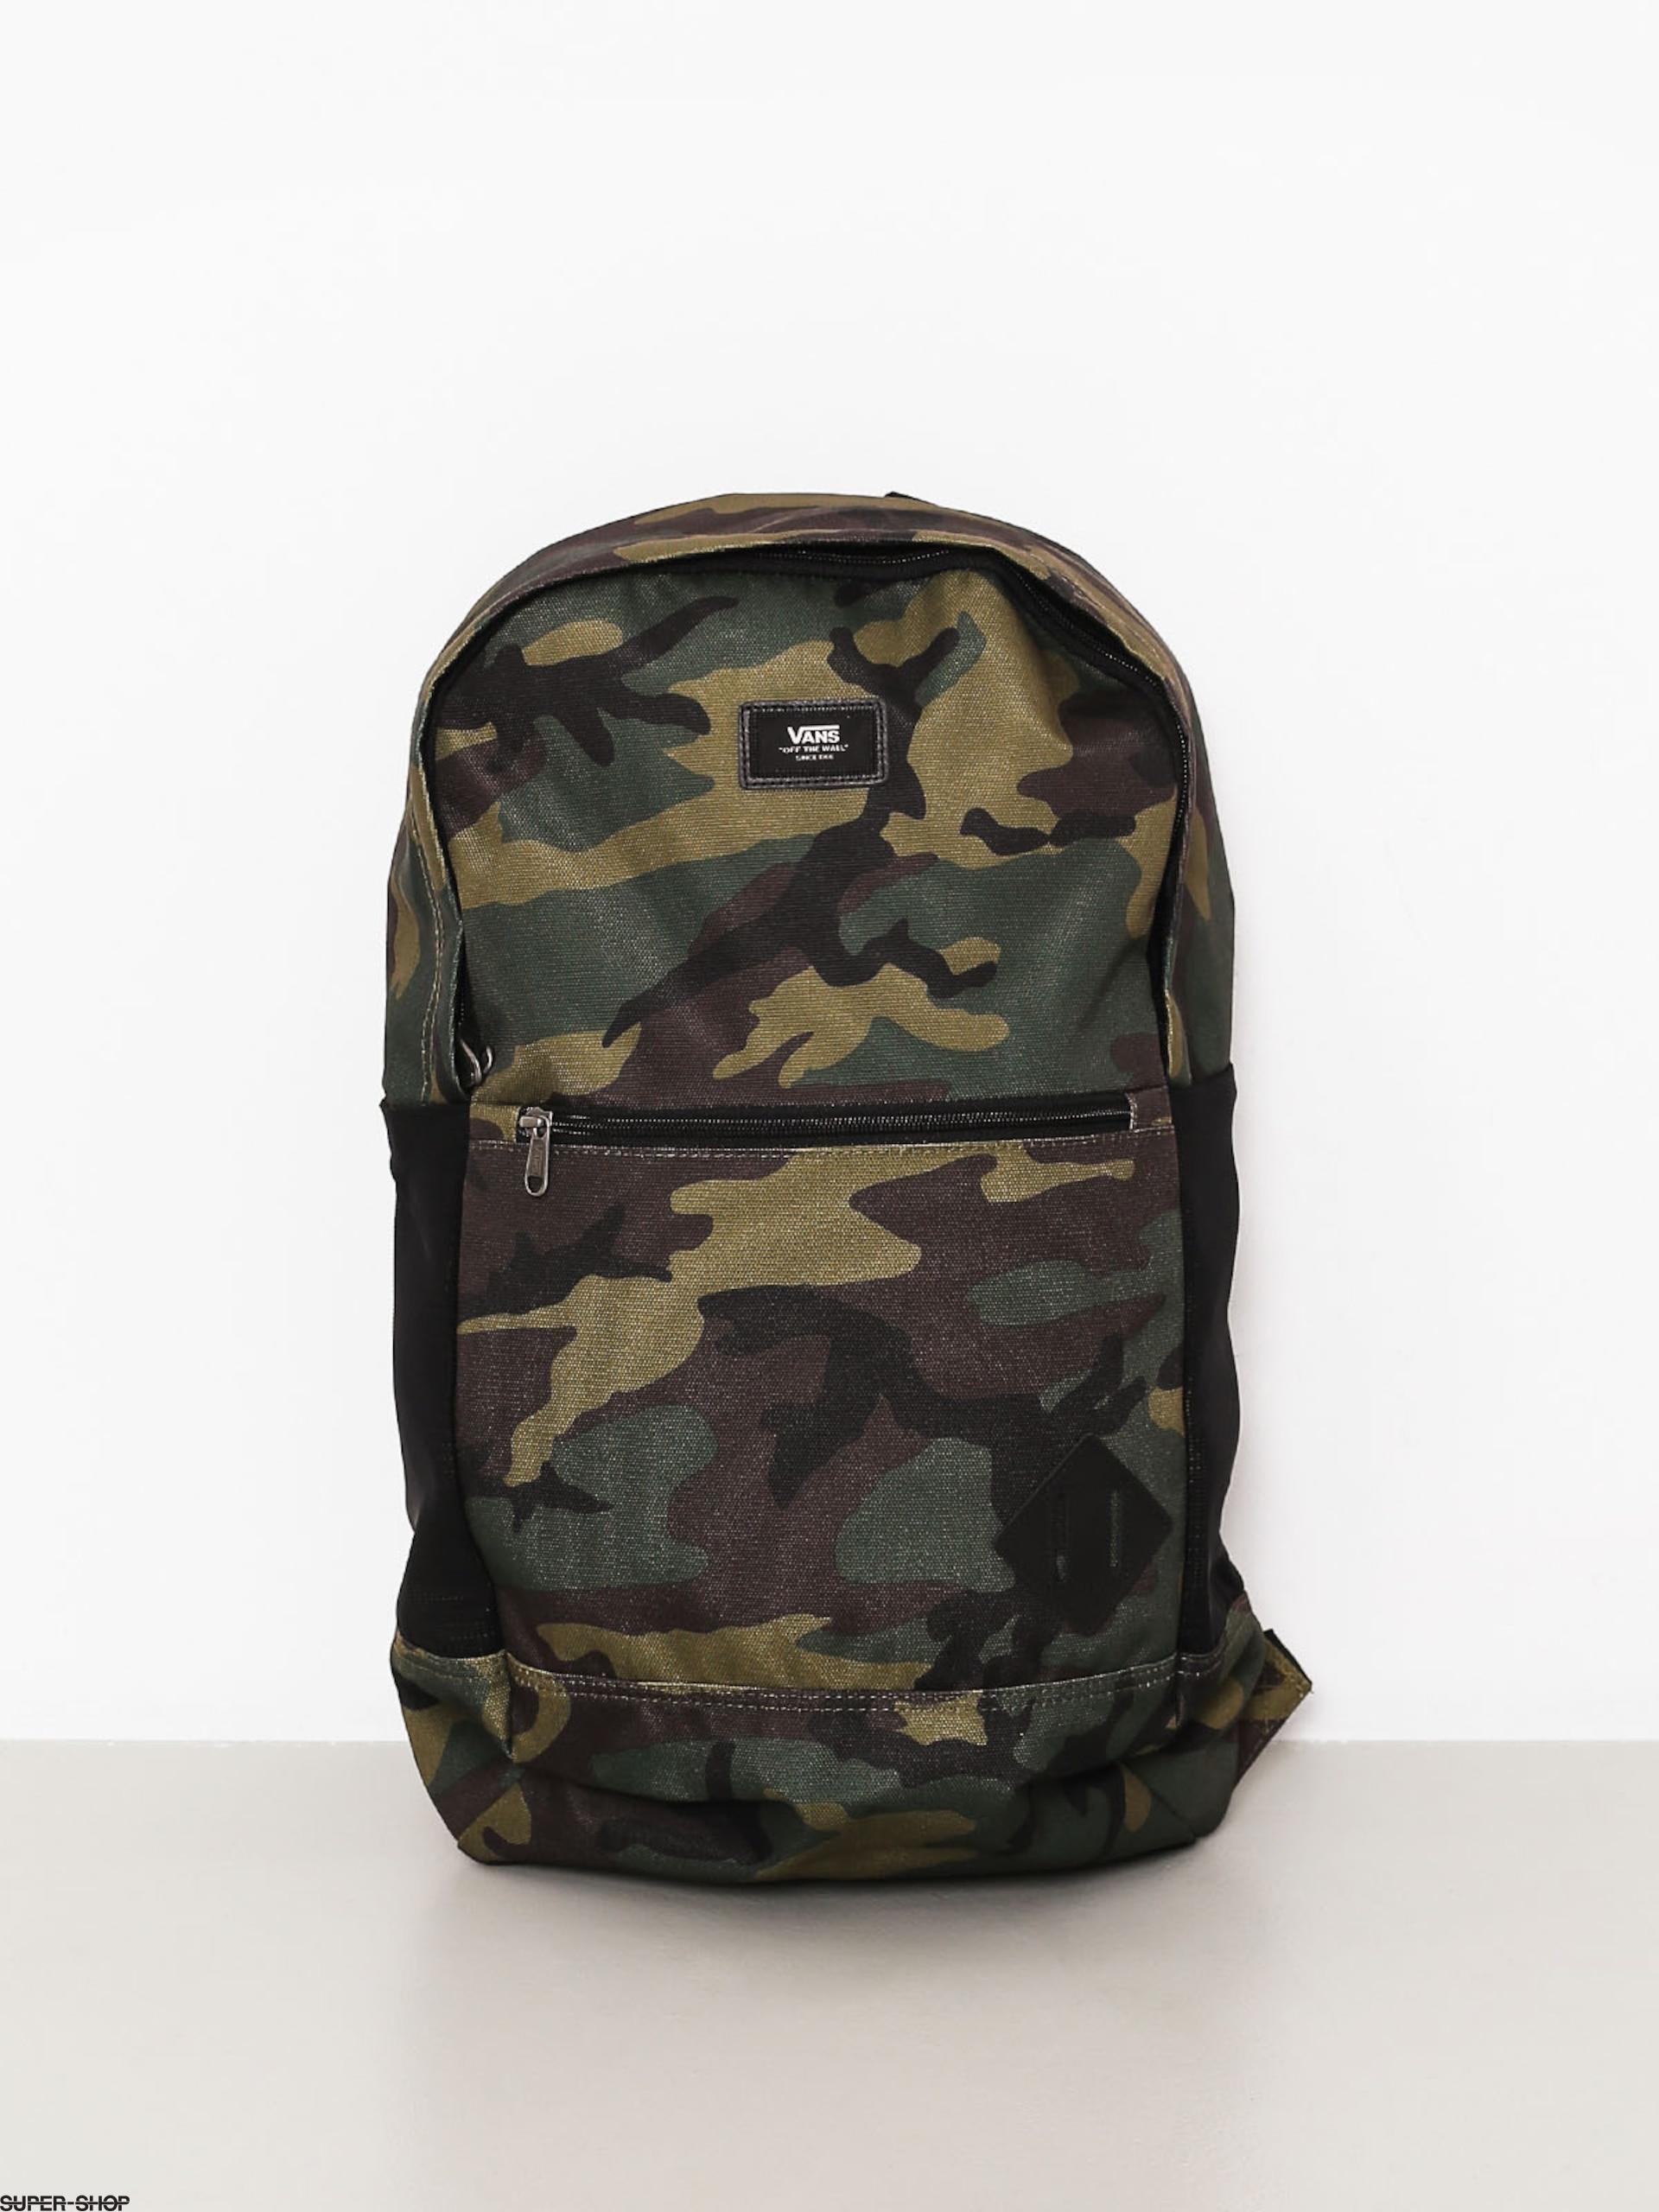 1010295-w1920-vans-backpack-van-doren-iii-classic-camo.jpg 4babf443936